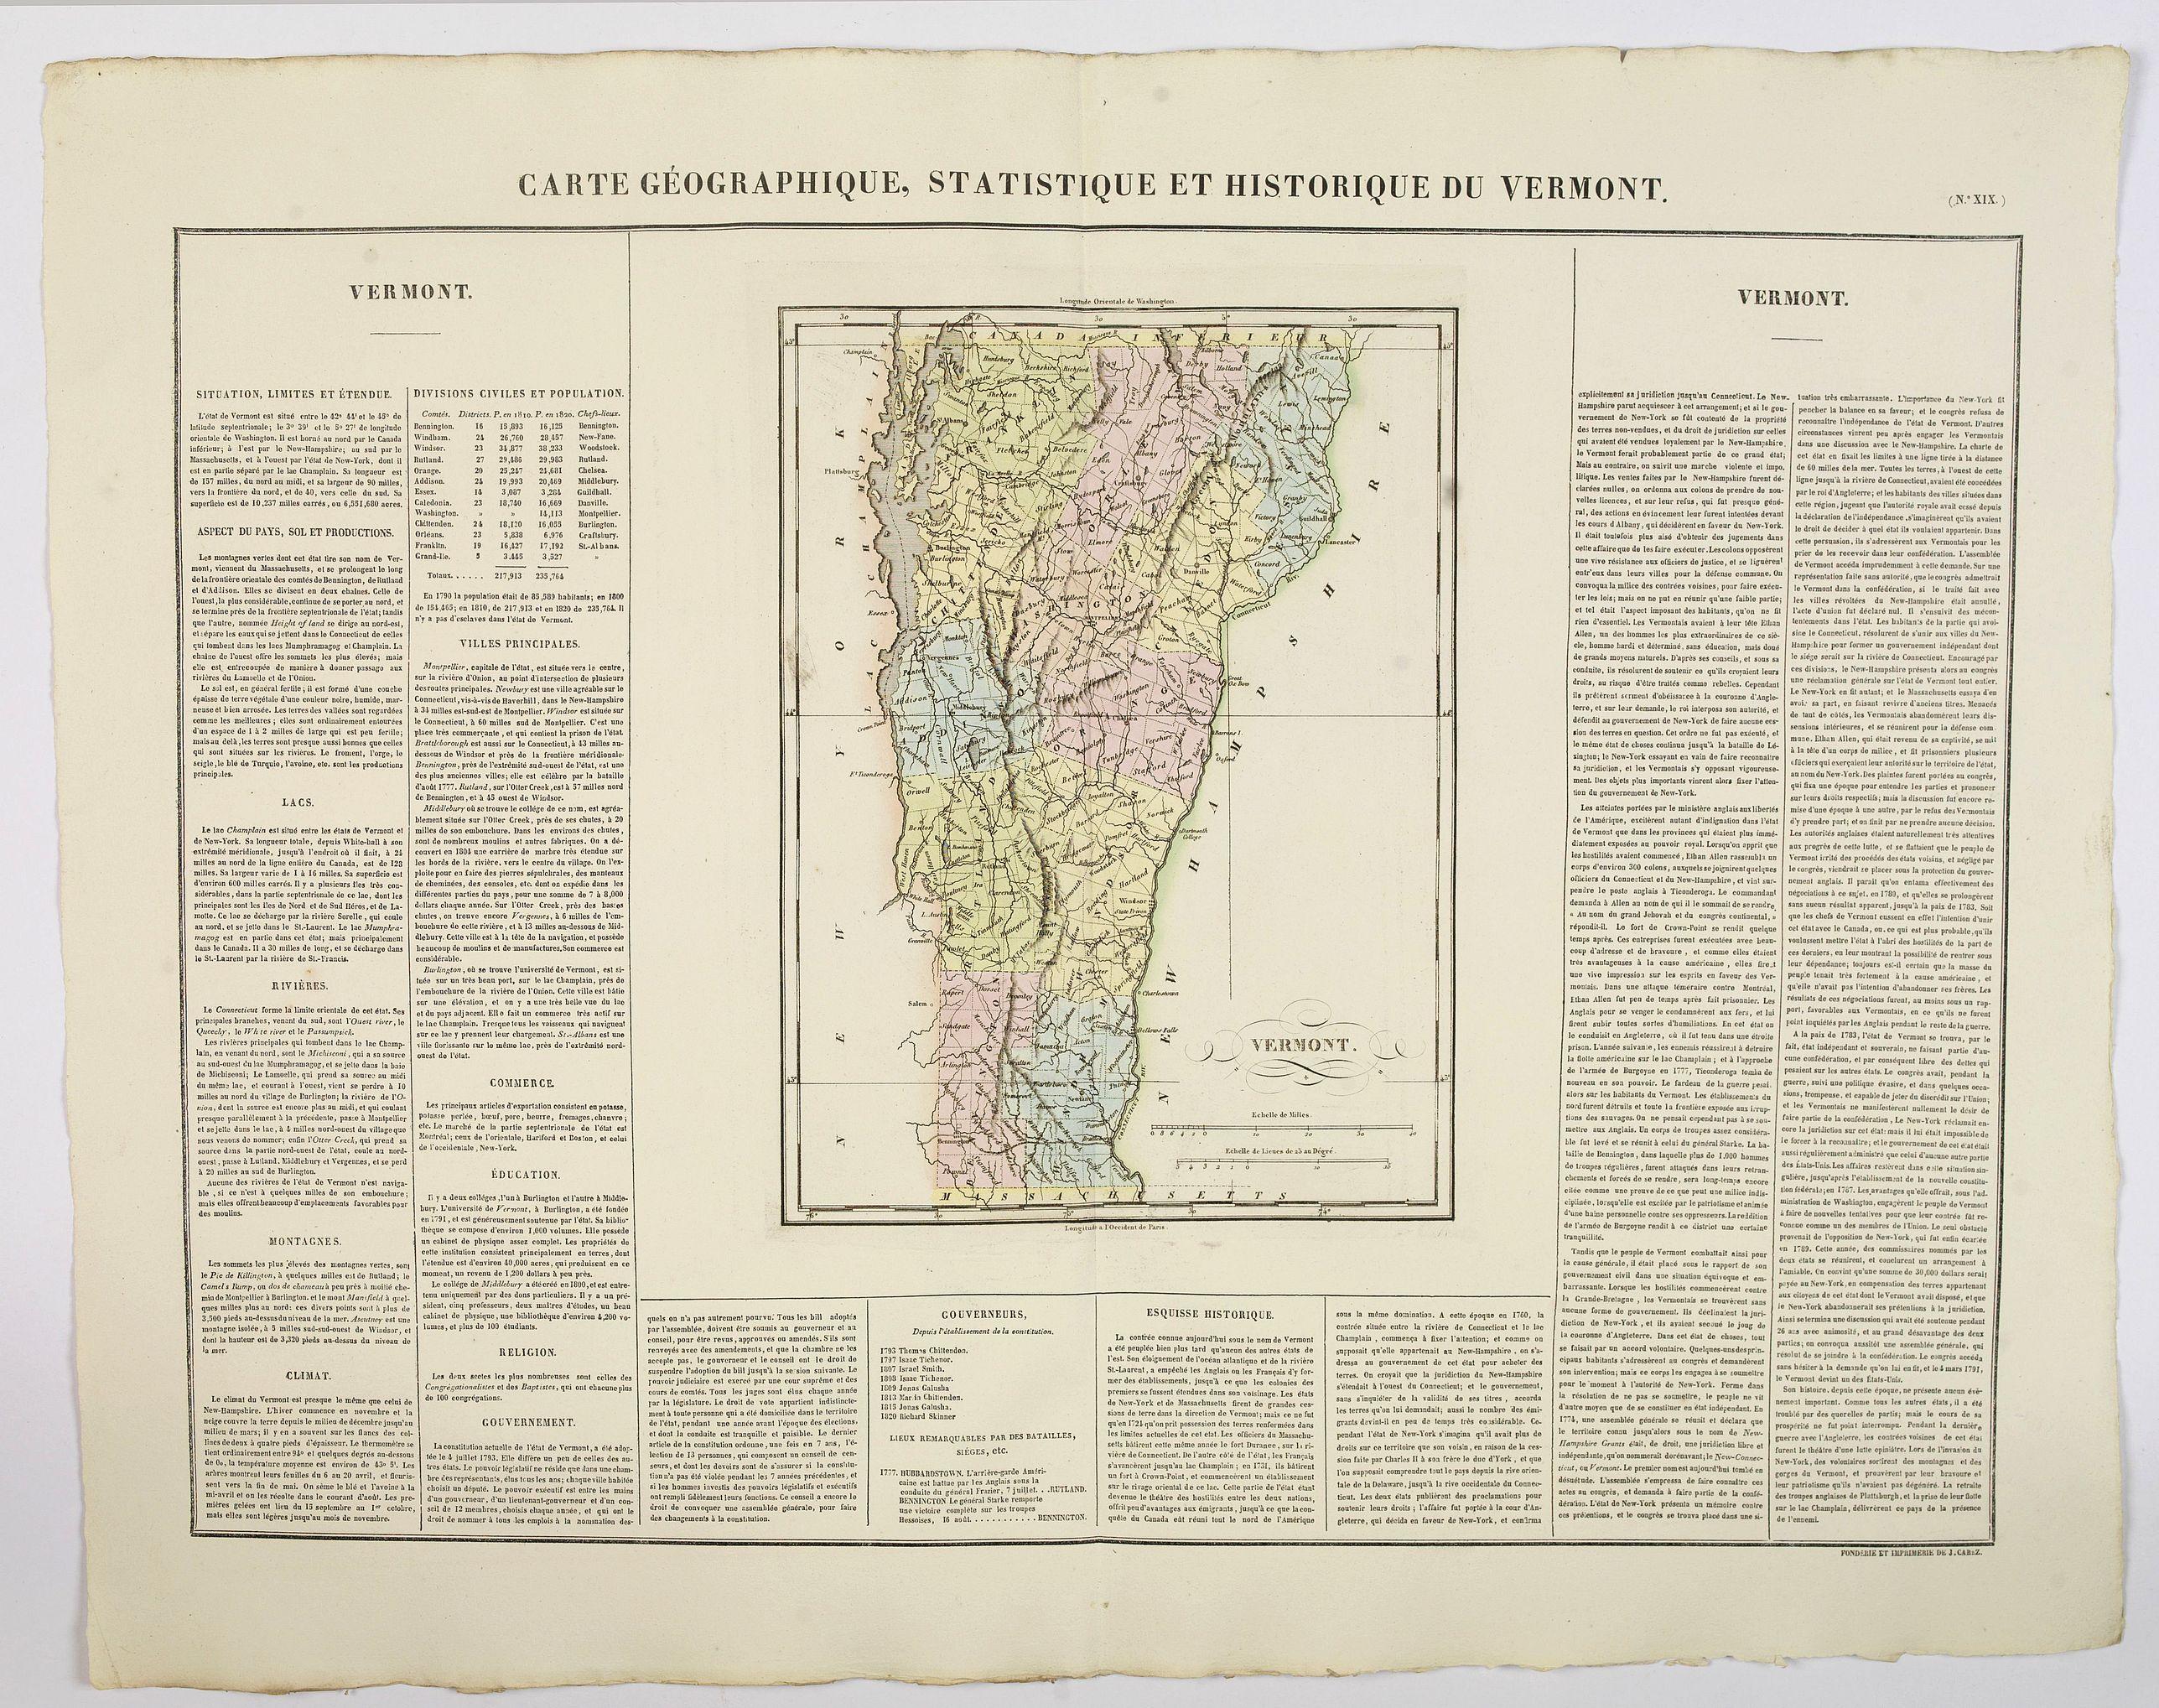 BUCHON, J.A. -  Carte Geographique, Statistique et Historique du Vermont.